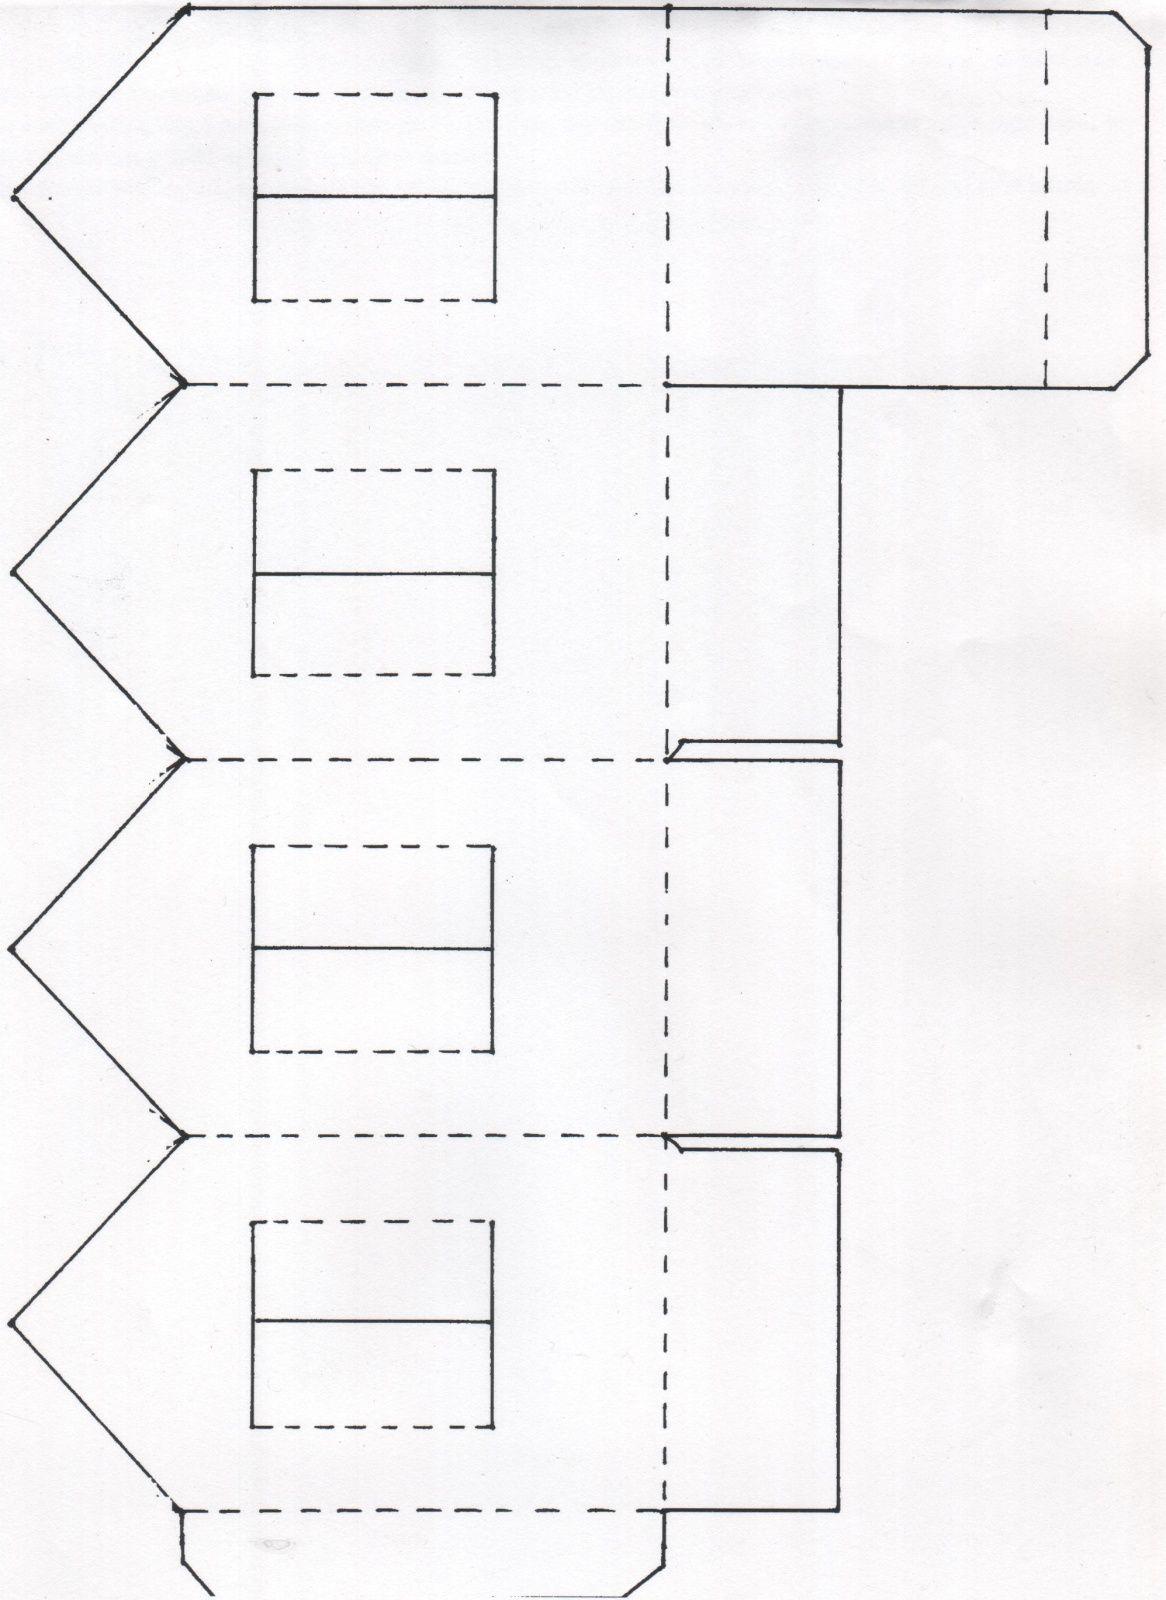 Une Maison Photophore En Papier | Maisons De Papier, Papier intérieur Patron De Maison En Papier A Imprimer